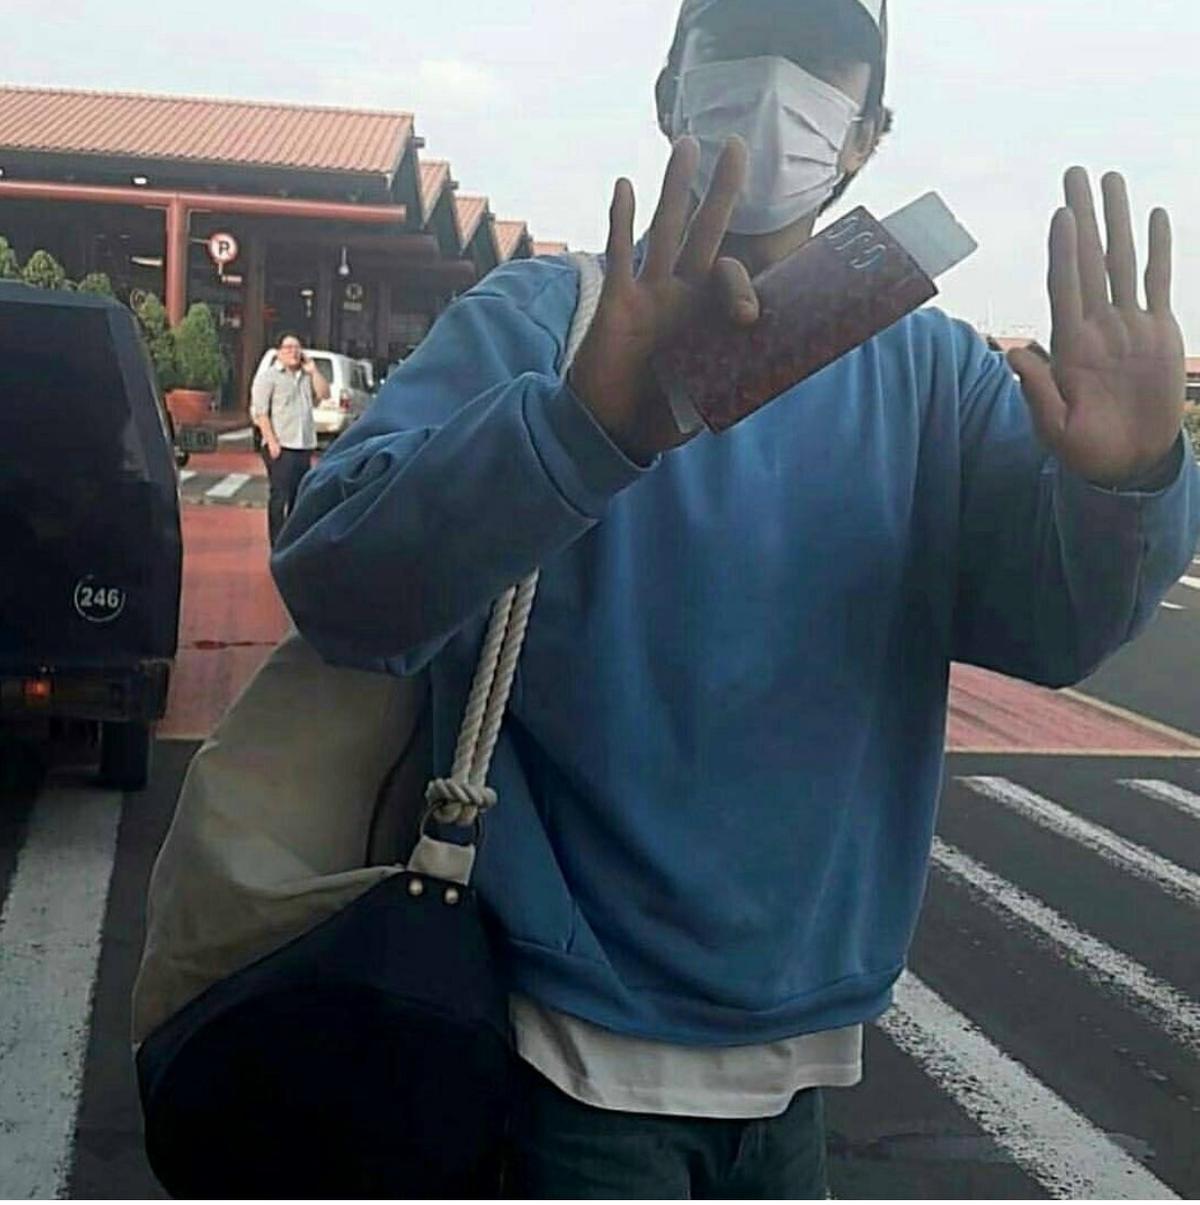 4月15日前往印尼度假的孔劉,在當地被拍到的機場時尚,引起大批網友討論。